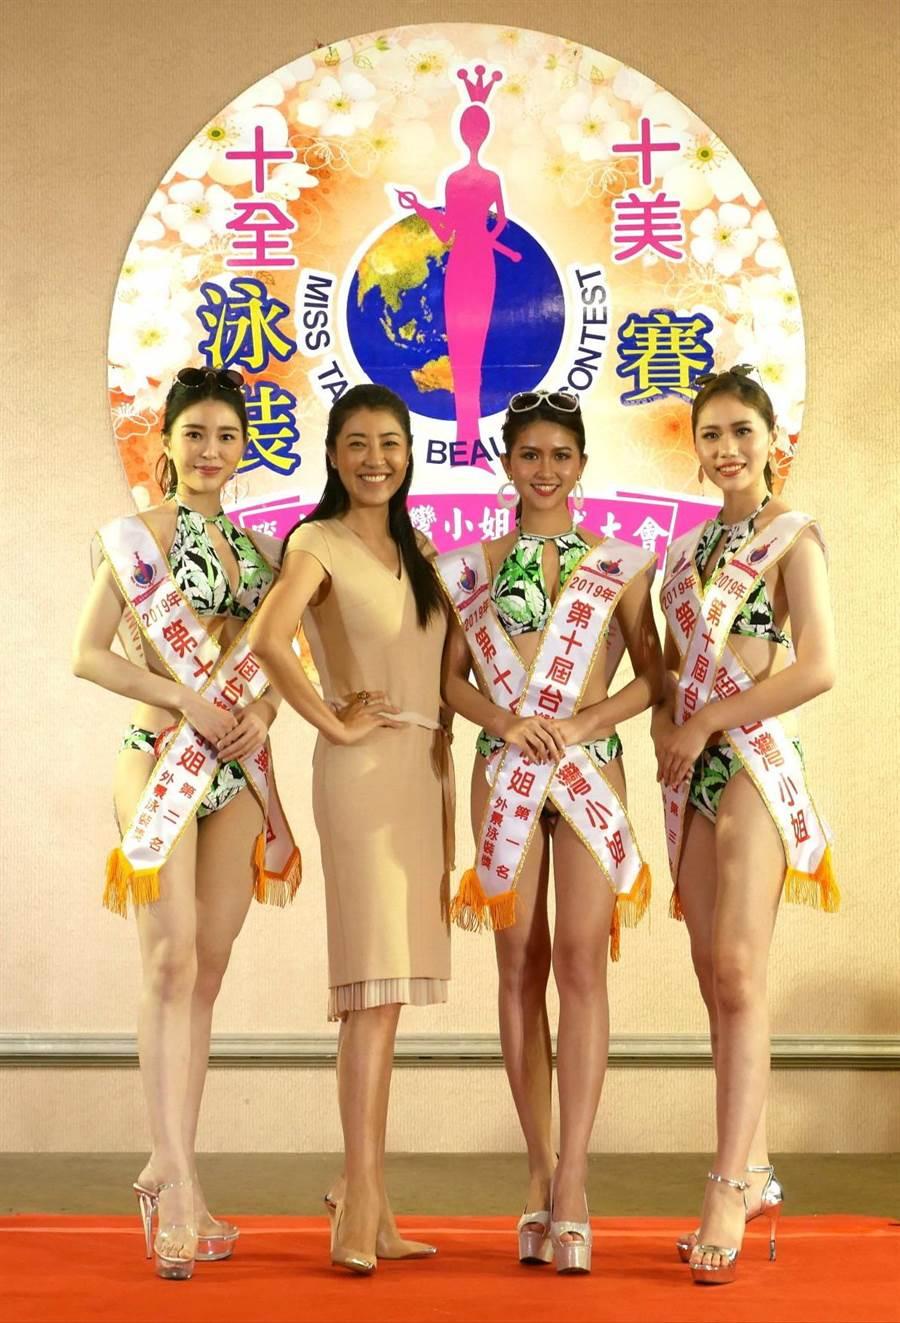 曾獲選中國小姐的立委許淑華(左二),與泳裝比賽前3名合影。(選美大會提供)